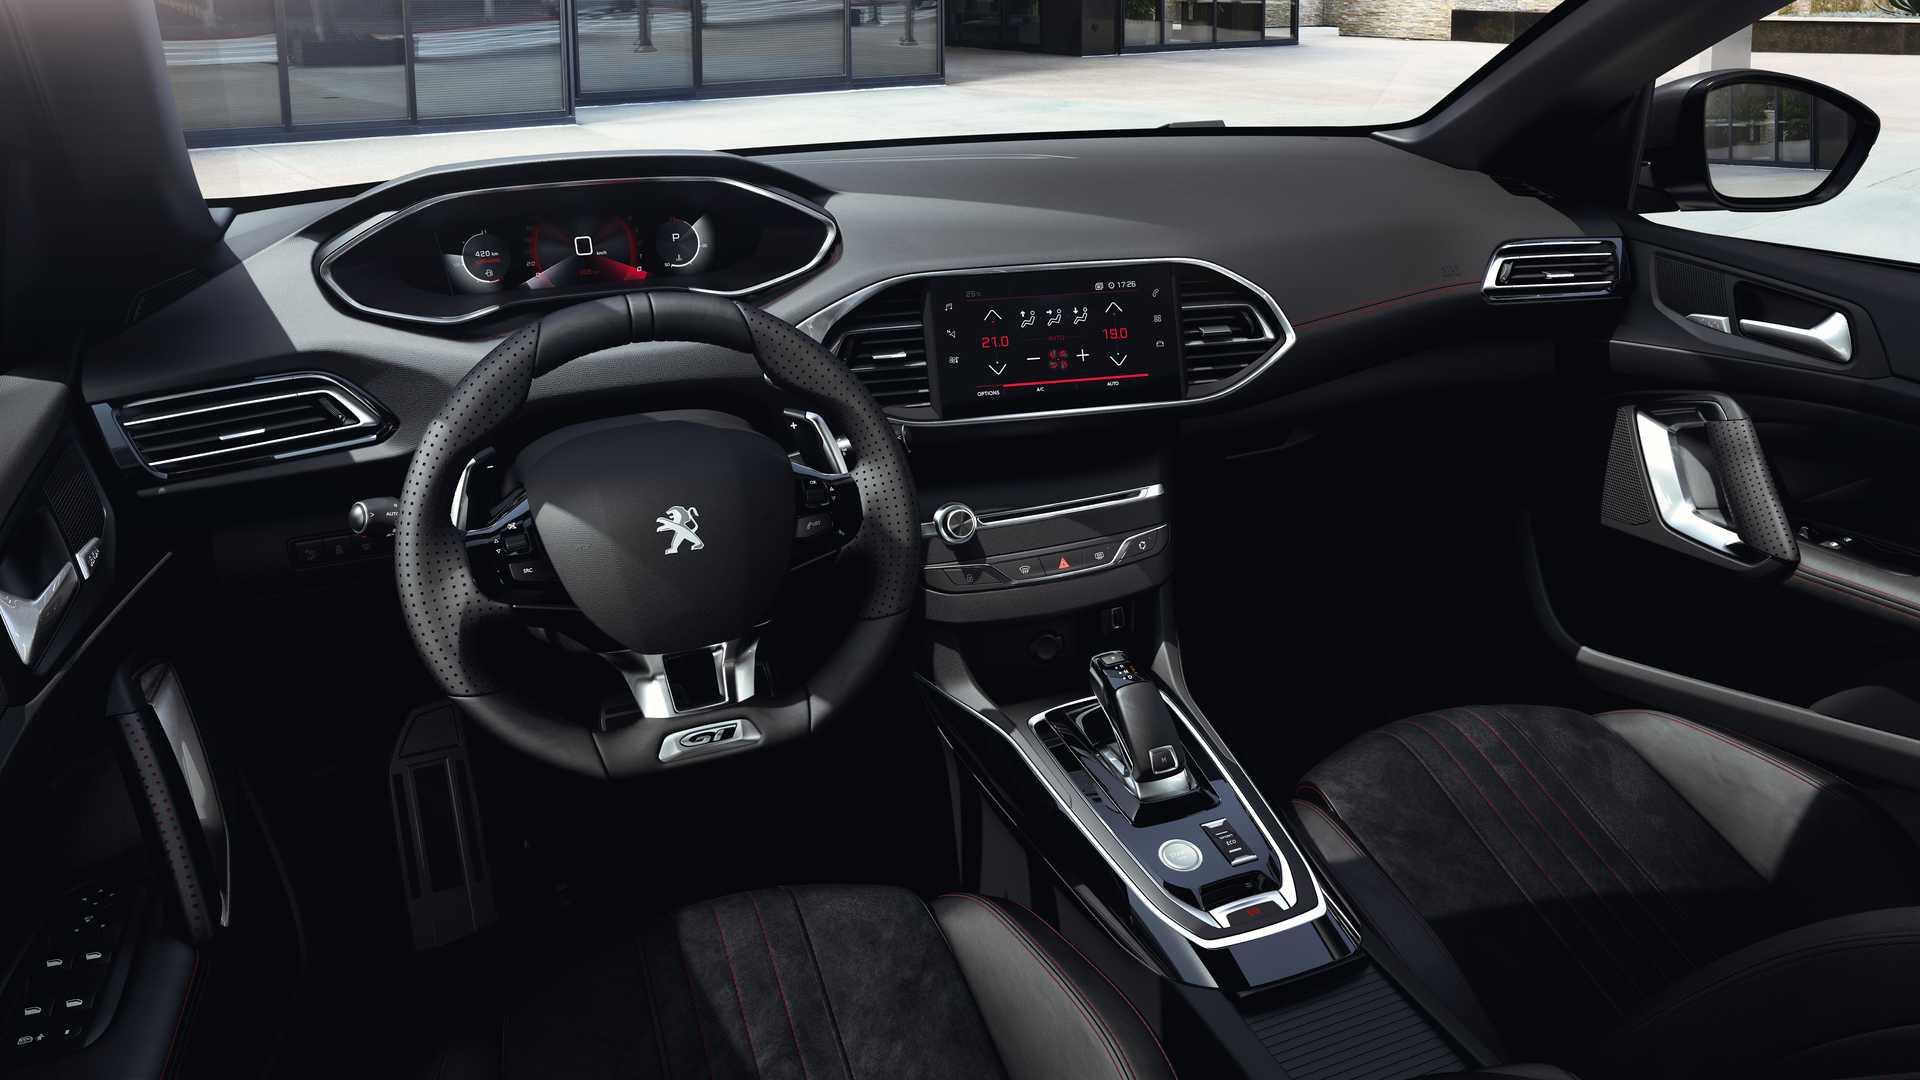 Peugeot ešte s novou generáciou 308 počká, ukázal ďalšiu modernizáciu